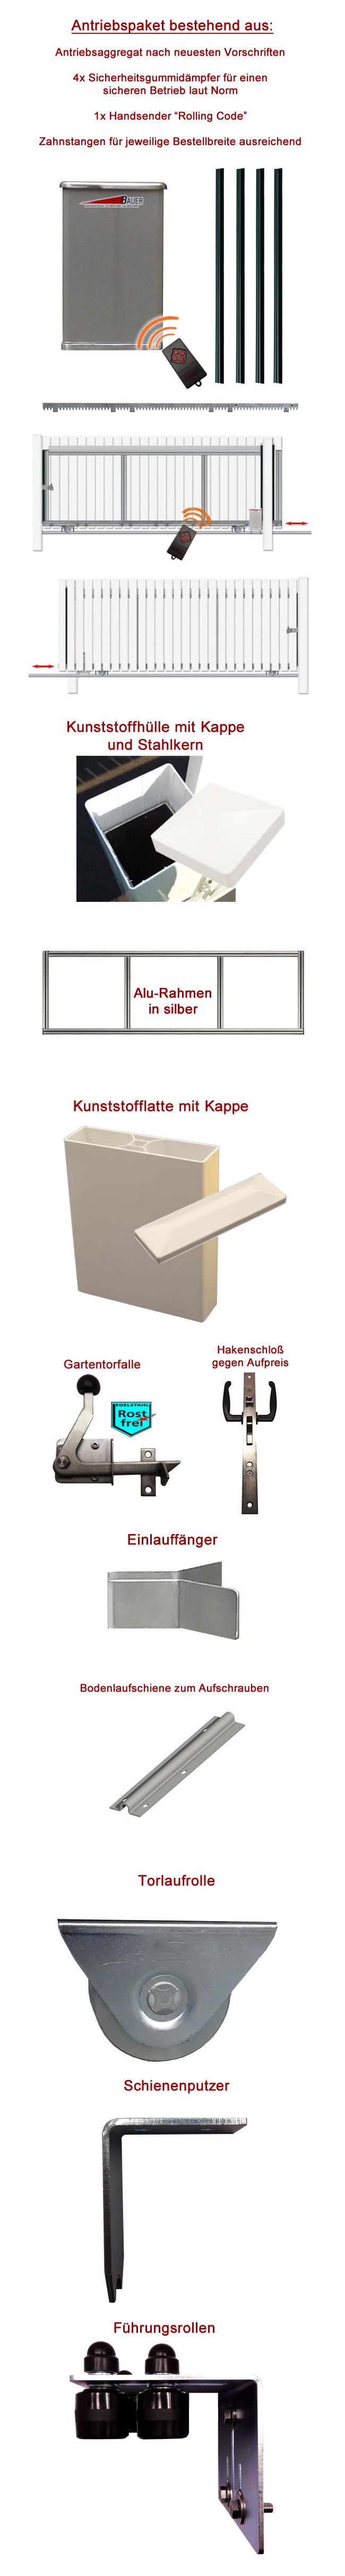 schiebetor hoftor bausatz h 80 b 280 mit antrieb. Black Bedroom Furniture Sets. Home Design Ideas